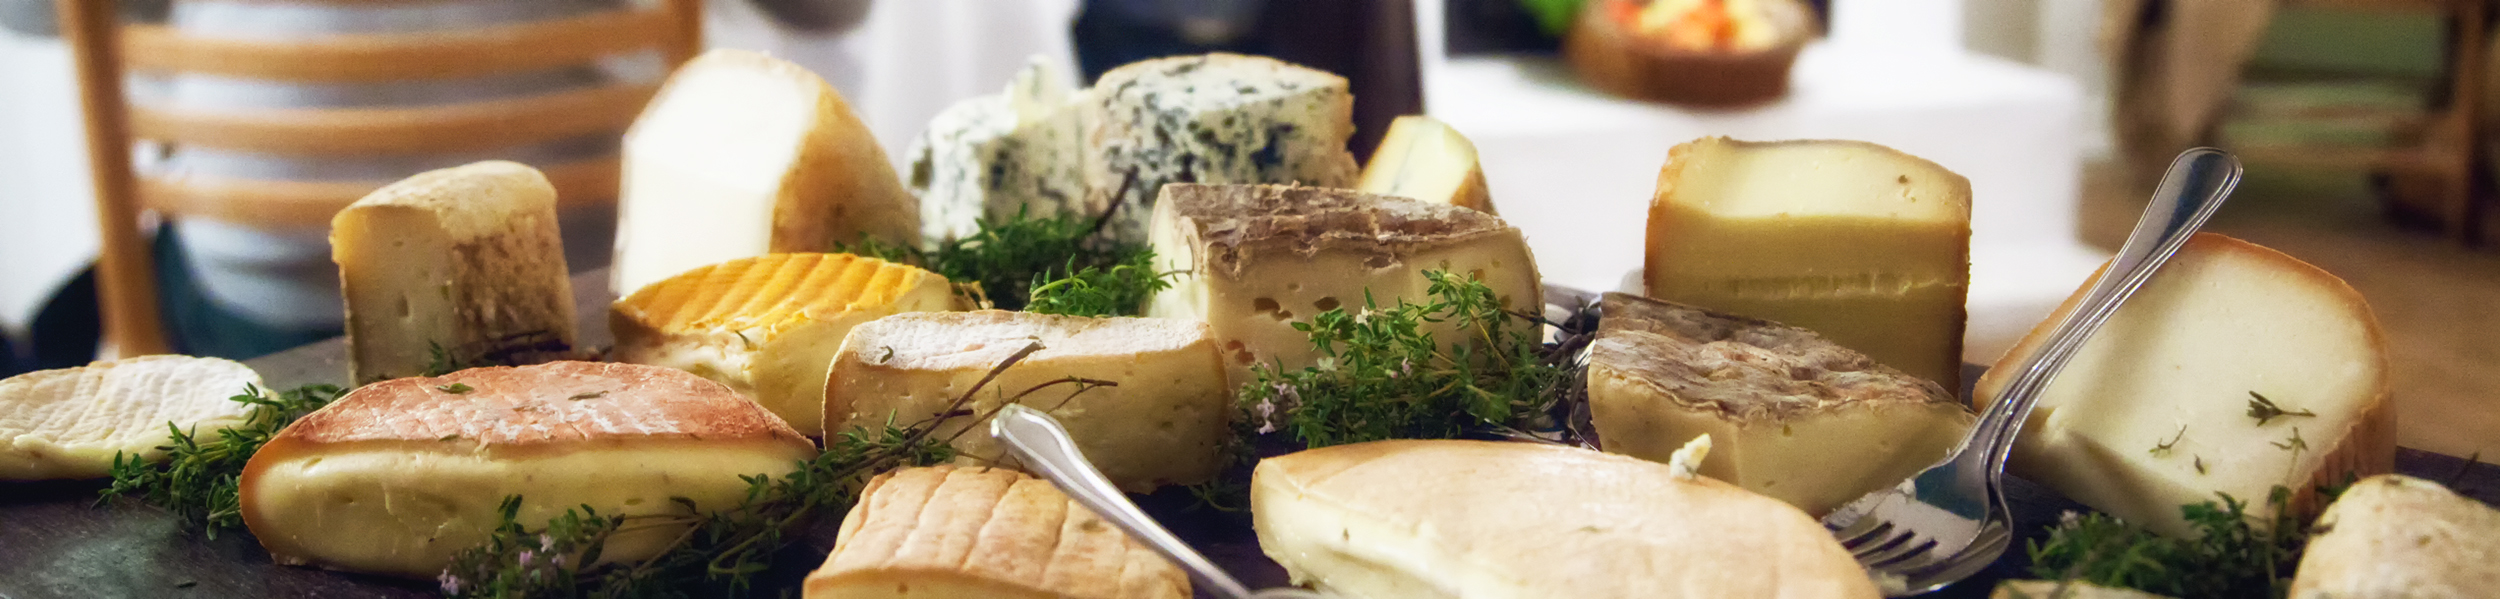 Käse, wie er bei einem Seminar verkostet wird